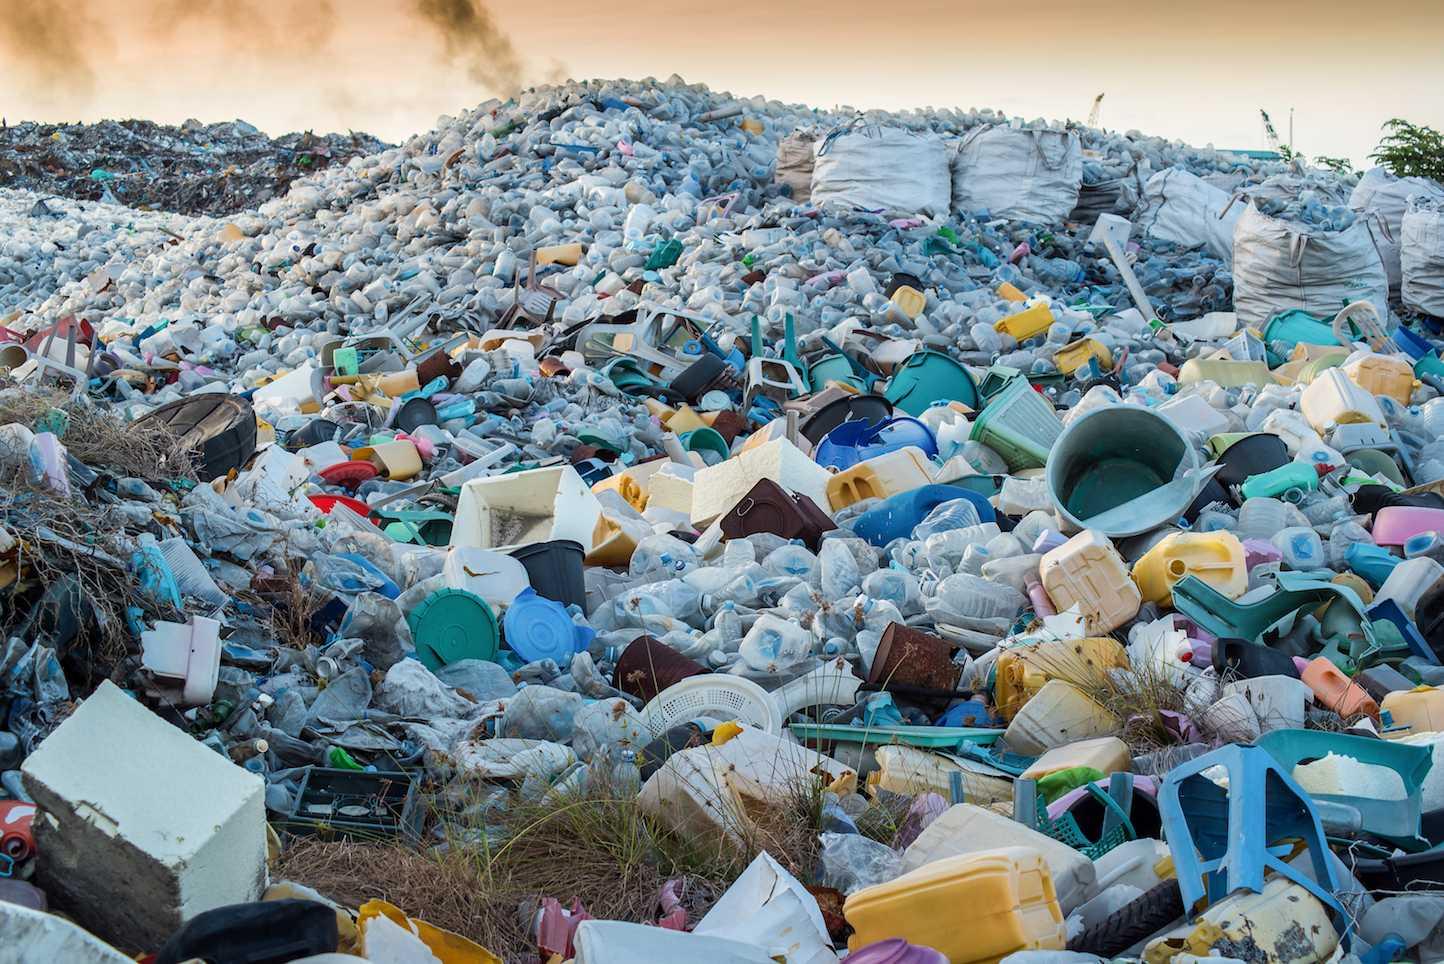 Что относится к 5 классу опасности отходов и правила обращения с ними